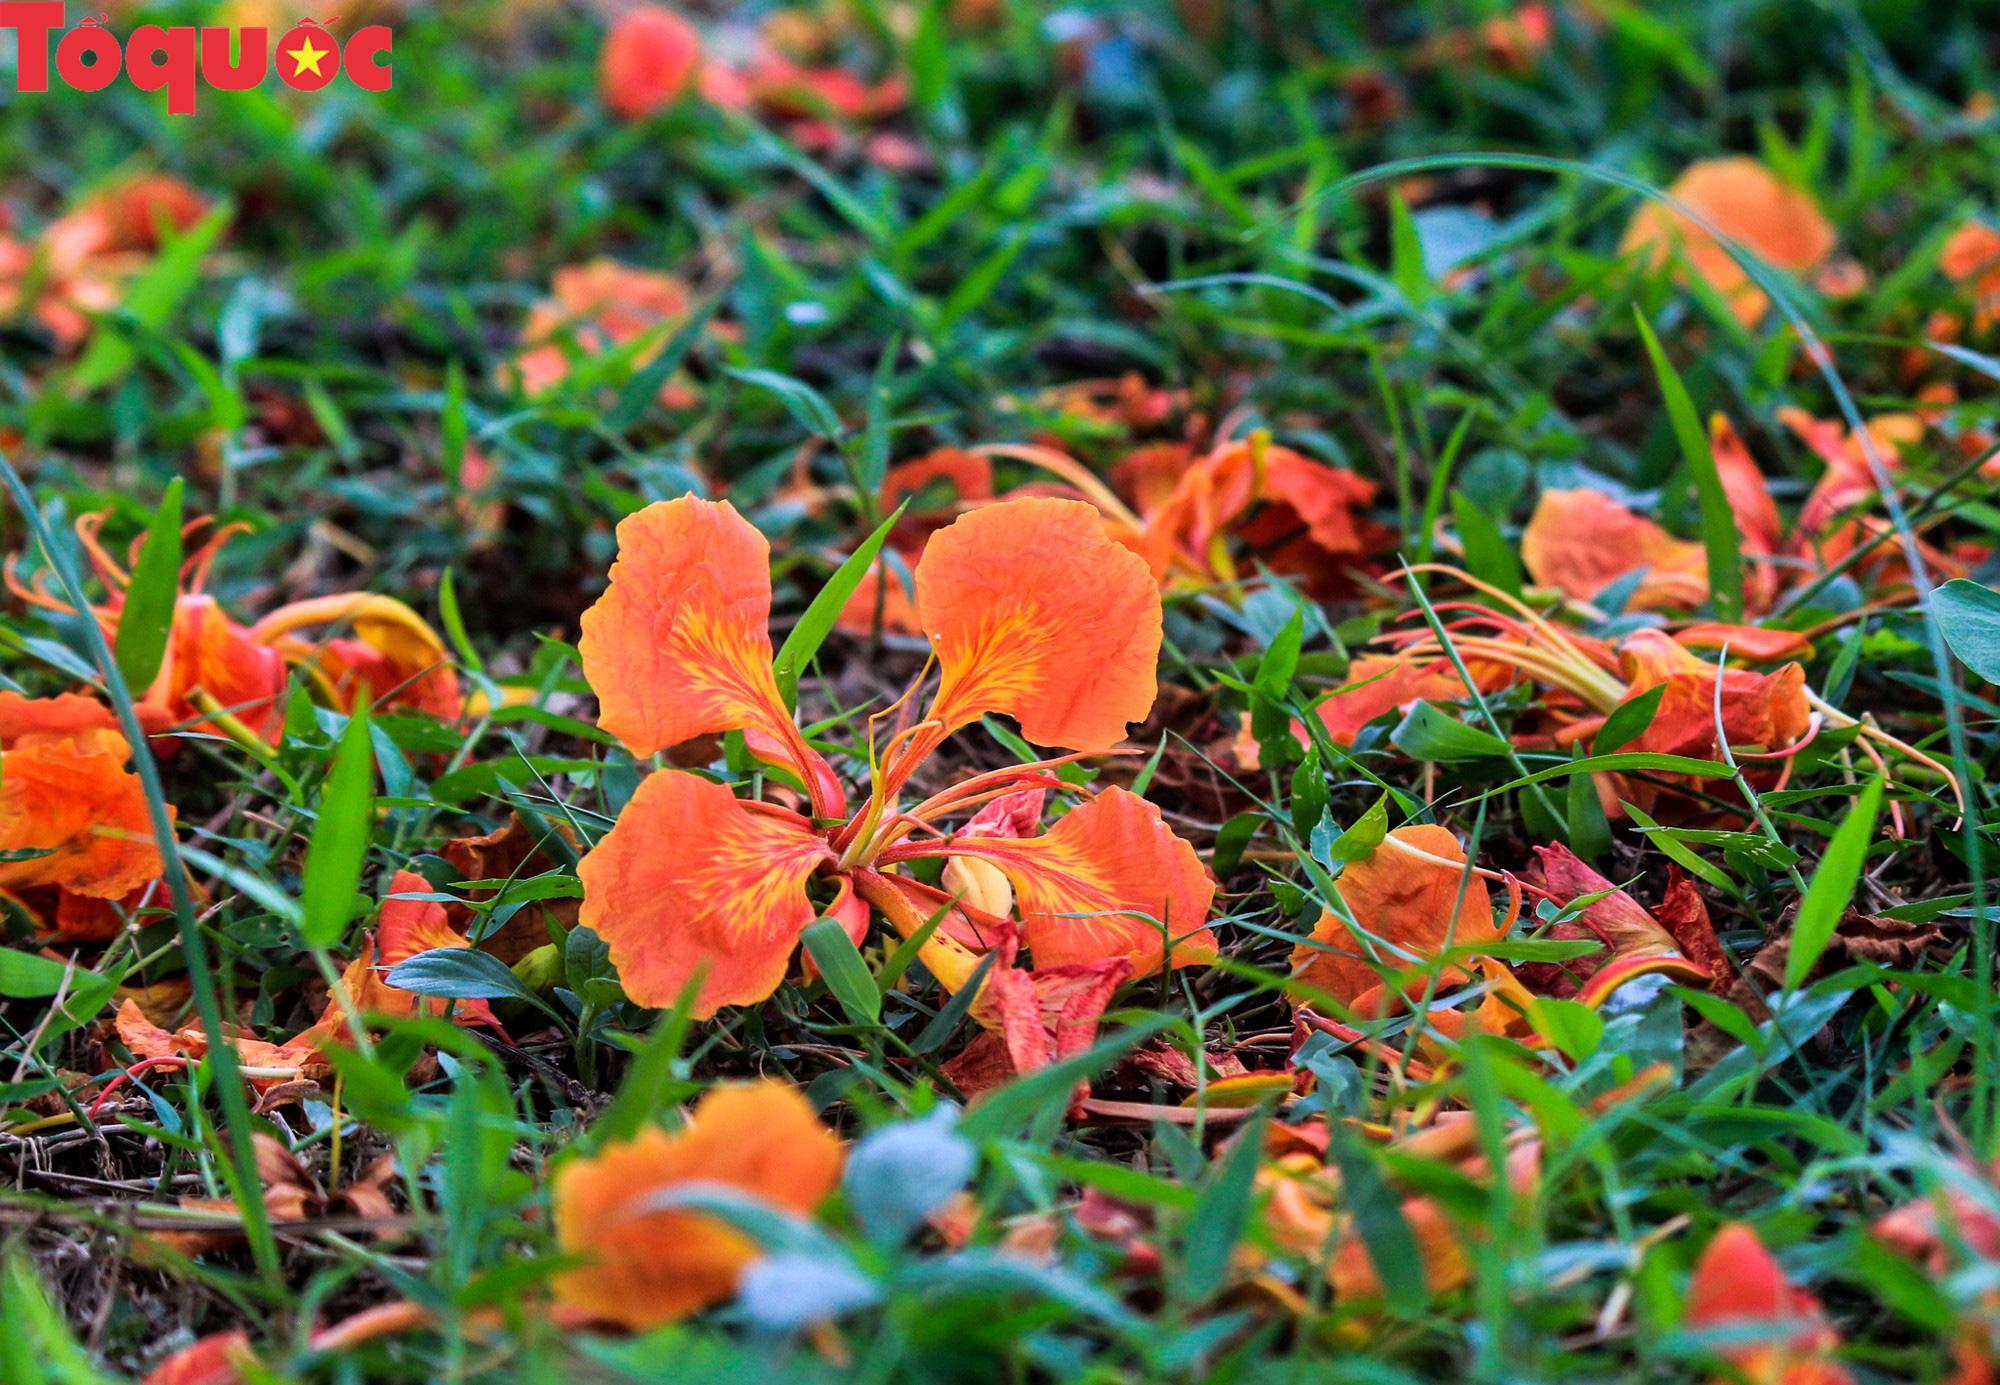 Đất trời xứ Huế đẹp rực rỡ trong mùa phượng vĩ nở hoa Ảnh 8